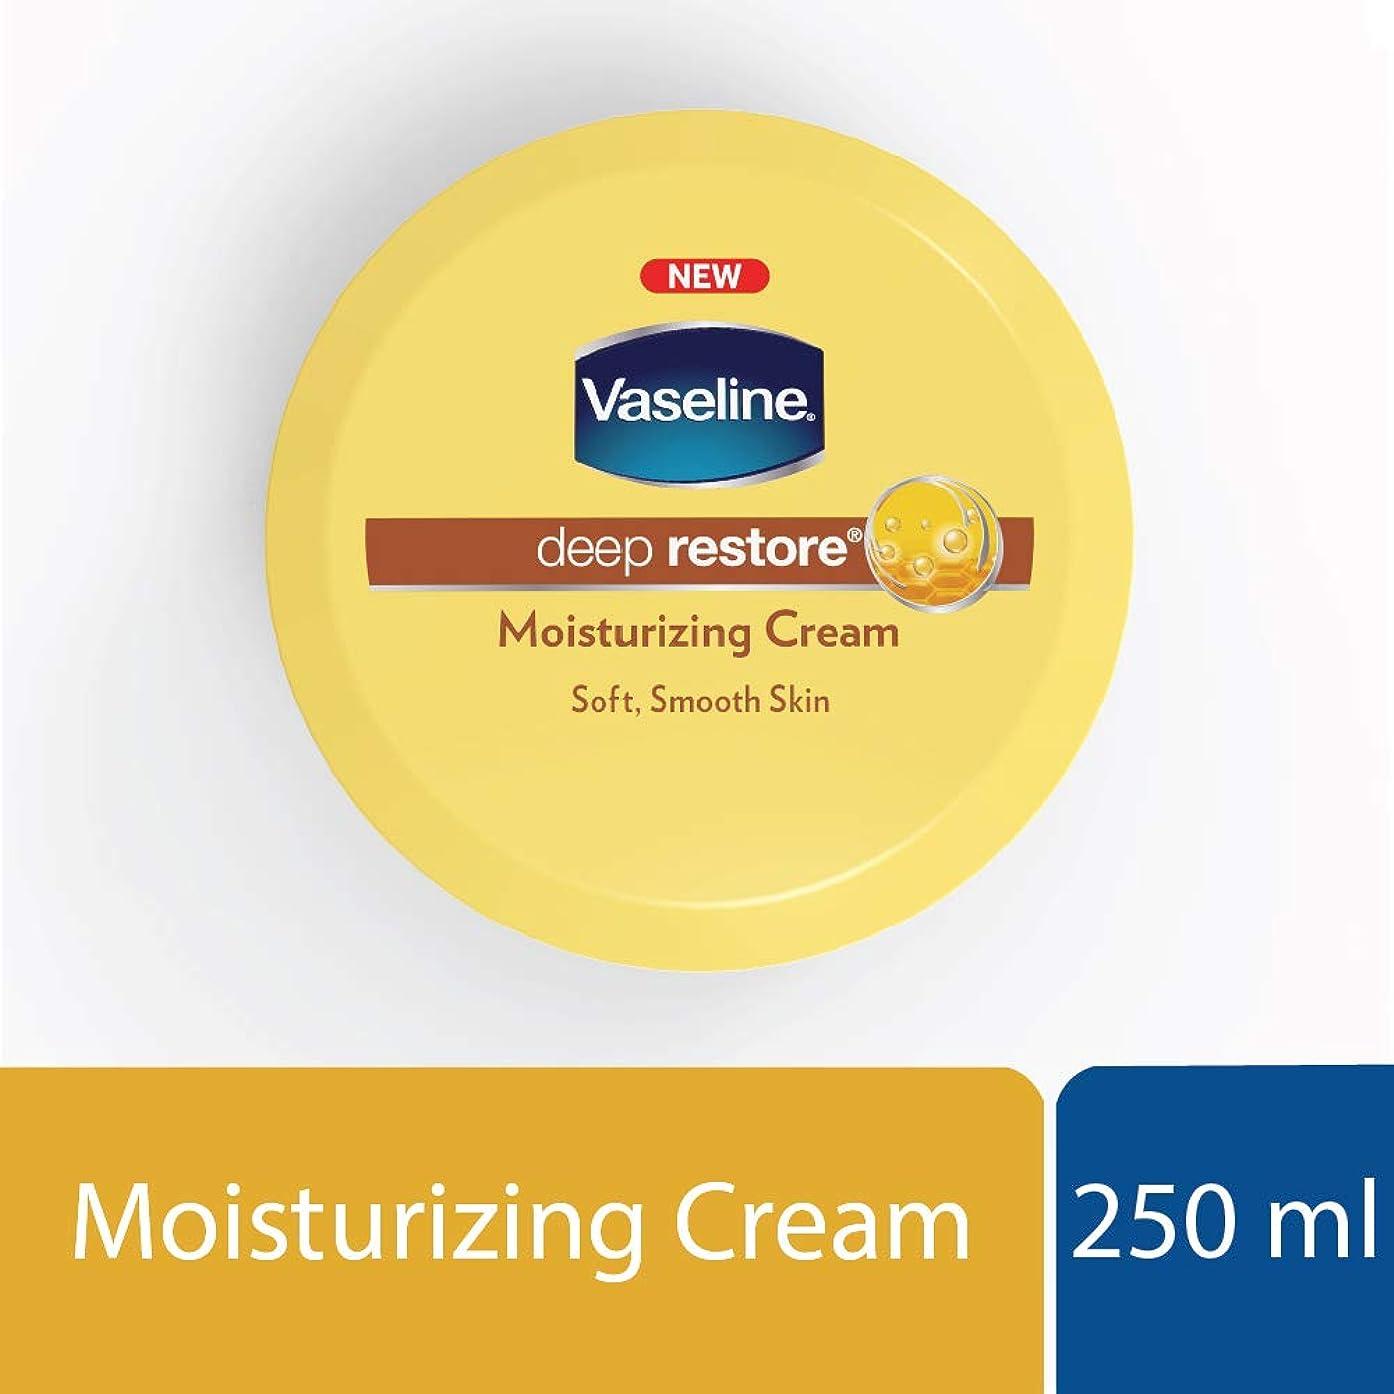 実験スペシャリスト聴覚障害者Vaseline Deep Restore Body Cream, 250ml